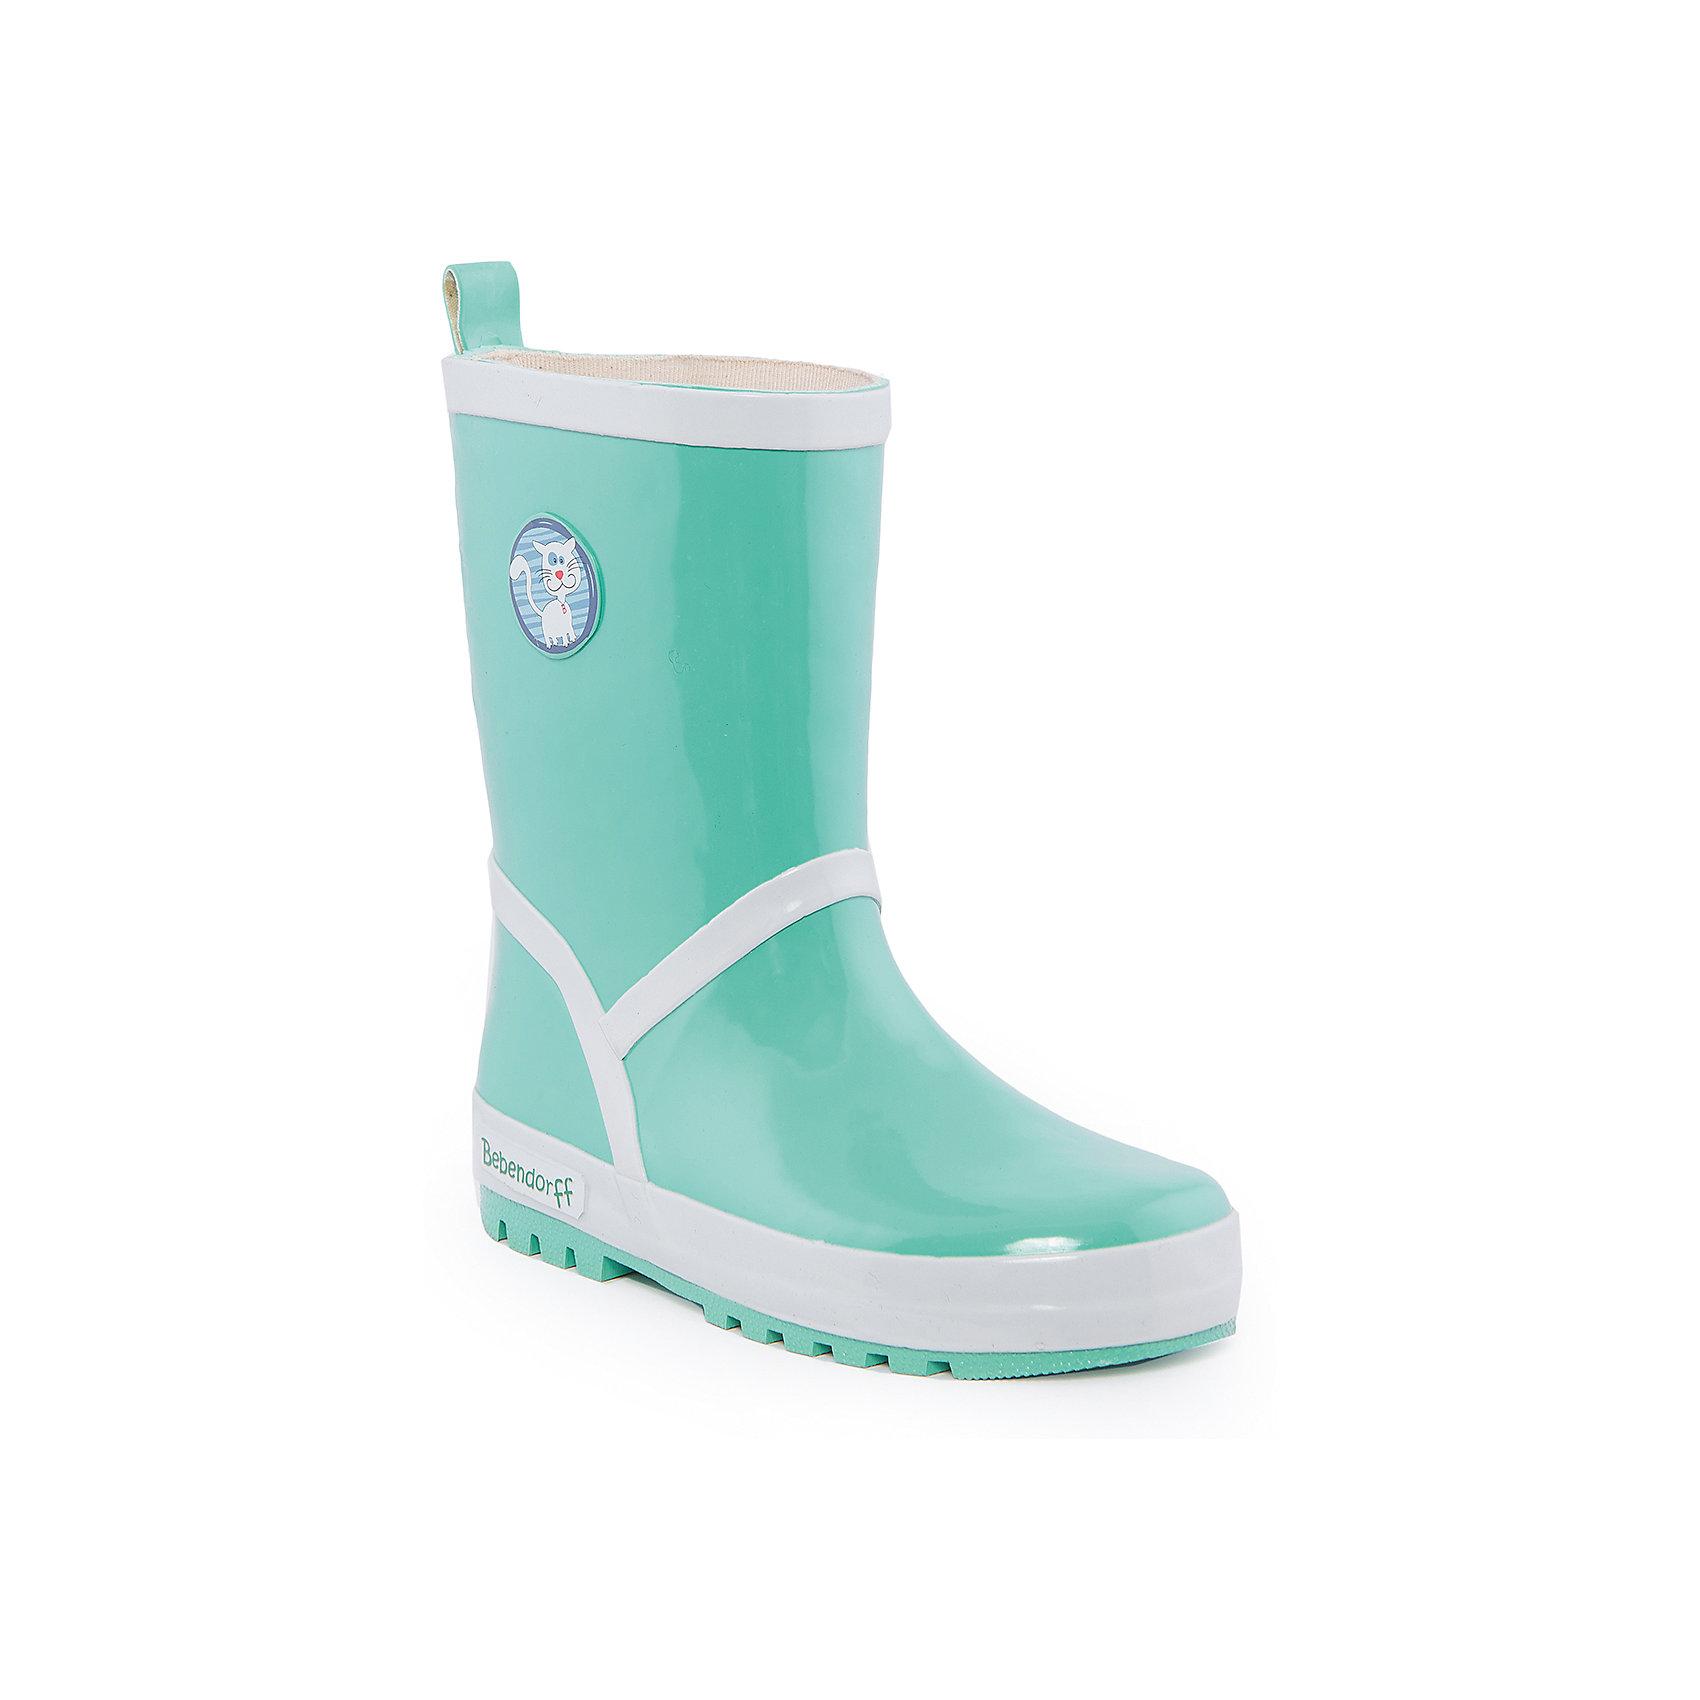 Резиновые сапоги для мальчика BebendorffРезиновые сапоги для мальчика от известного бренда Bebendorff<br><br>Модные зеленые резиновые сапоги сделаны из качественной резины. Они позволят защитить ноги ребенка от сырости и обеспечат комфорт. Высокое голенище защитит одежду от грязи и влаги.<br><br>Отличительные особенности модели:<br><br>- цвет: зеленый;<br>- удобная форма;<br>- высокое голенище;<br>- качественные материалы;<br>- толстая устойчивая подошва;<br>- хлопковая подкладка;<br>- декорированы белыми полосками и принтом с котом;<br>- подошва рифленая.<br><br>Дополнительная информация:<br><br>Температурный режим: от + 5° С до + 20° С.<br><br>Состав:<br>верх - резина;<br>подкладка - хлопок;<br>стелька - хлопок;<br>подошва - резина.<br><br>Резиновые сапоги для мальчика Bebendorff (Бебендорф) можно купить в нашем магазине.<br><br>Ширина мм: 237<br>Глубина мм: 180<br>Высота мм: 152<br>Вес г: 438<br>Цвет: зеленый<br>Возраст от месяцев: 84<br>Возраст до месяцев: 96<br>Пол: Мужской<br>Возраст: Детский<br>Размер: 31,33,34,32,30<br>SKU: 4554618